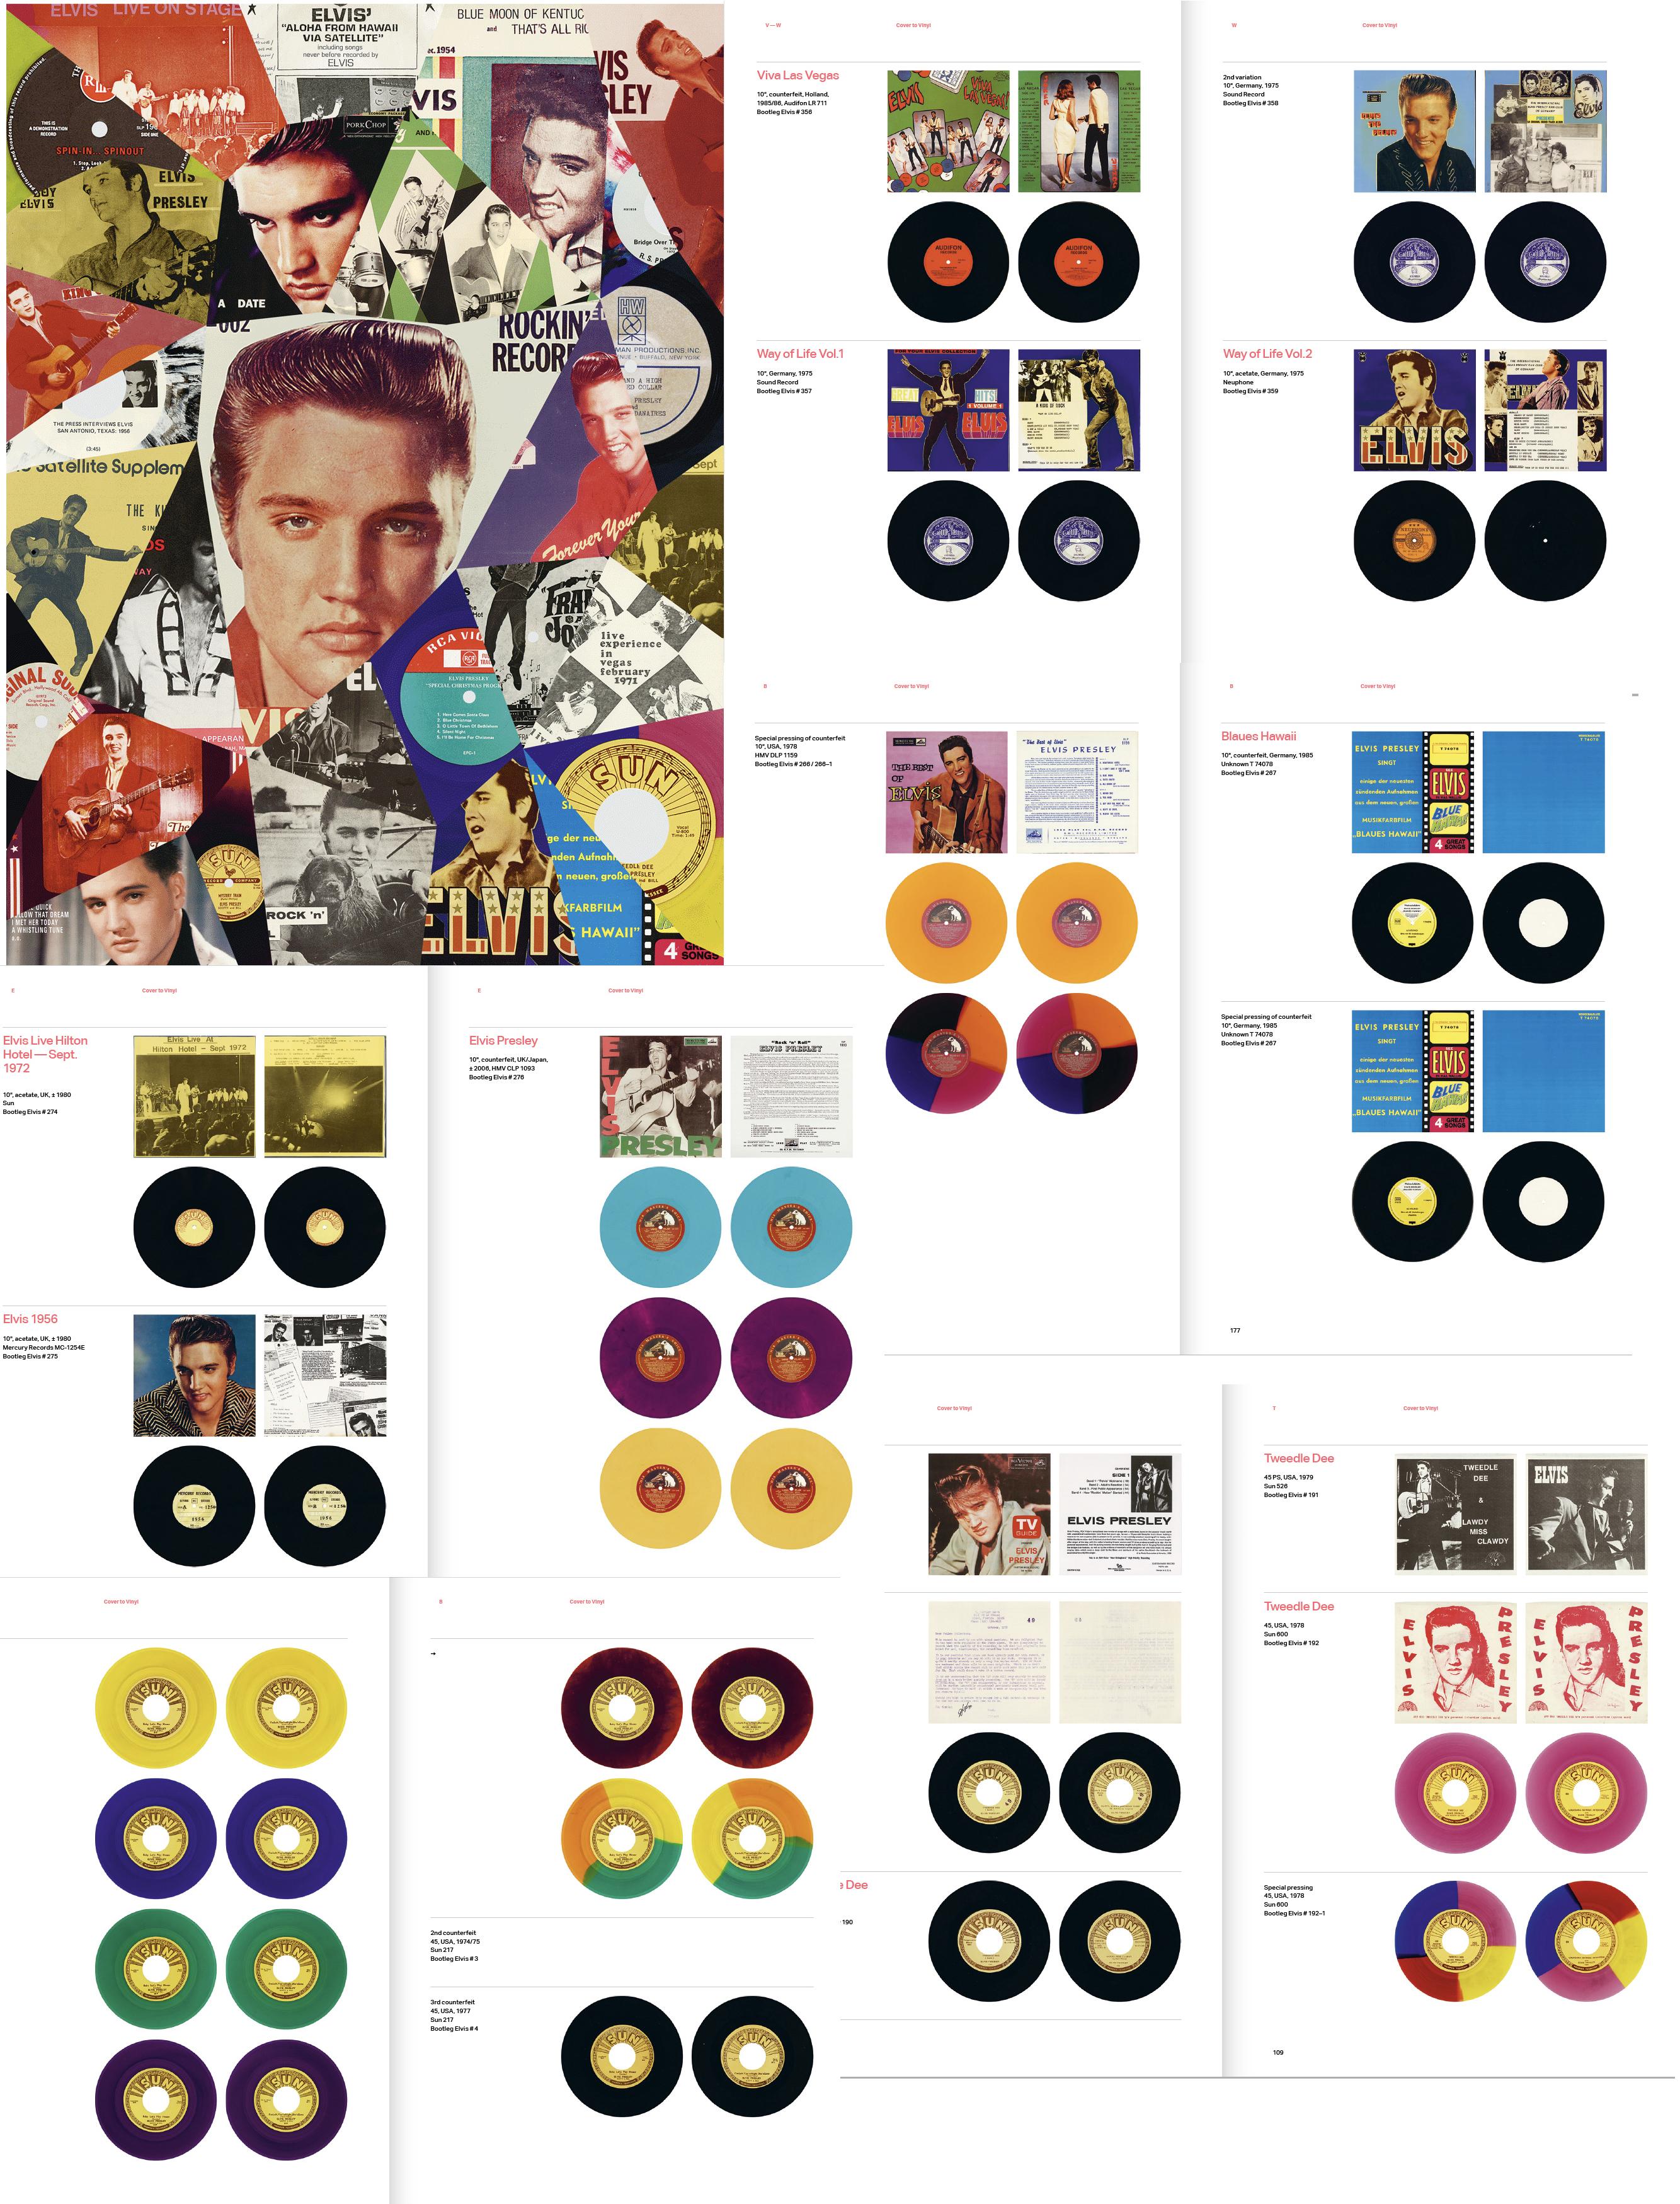 Elvis Presley - World Wide Elvis - The Premier Source For Elvis Presley